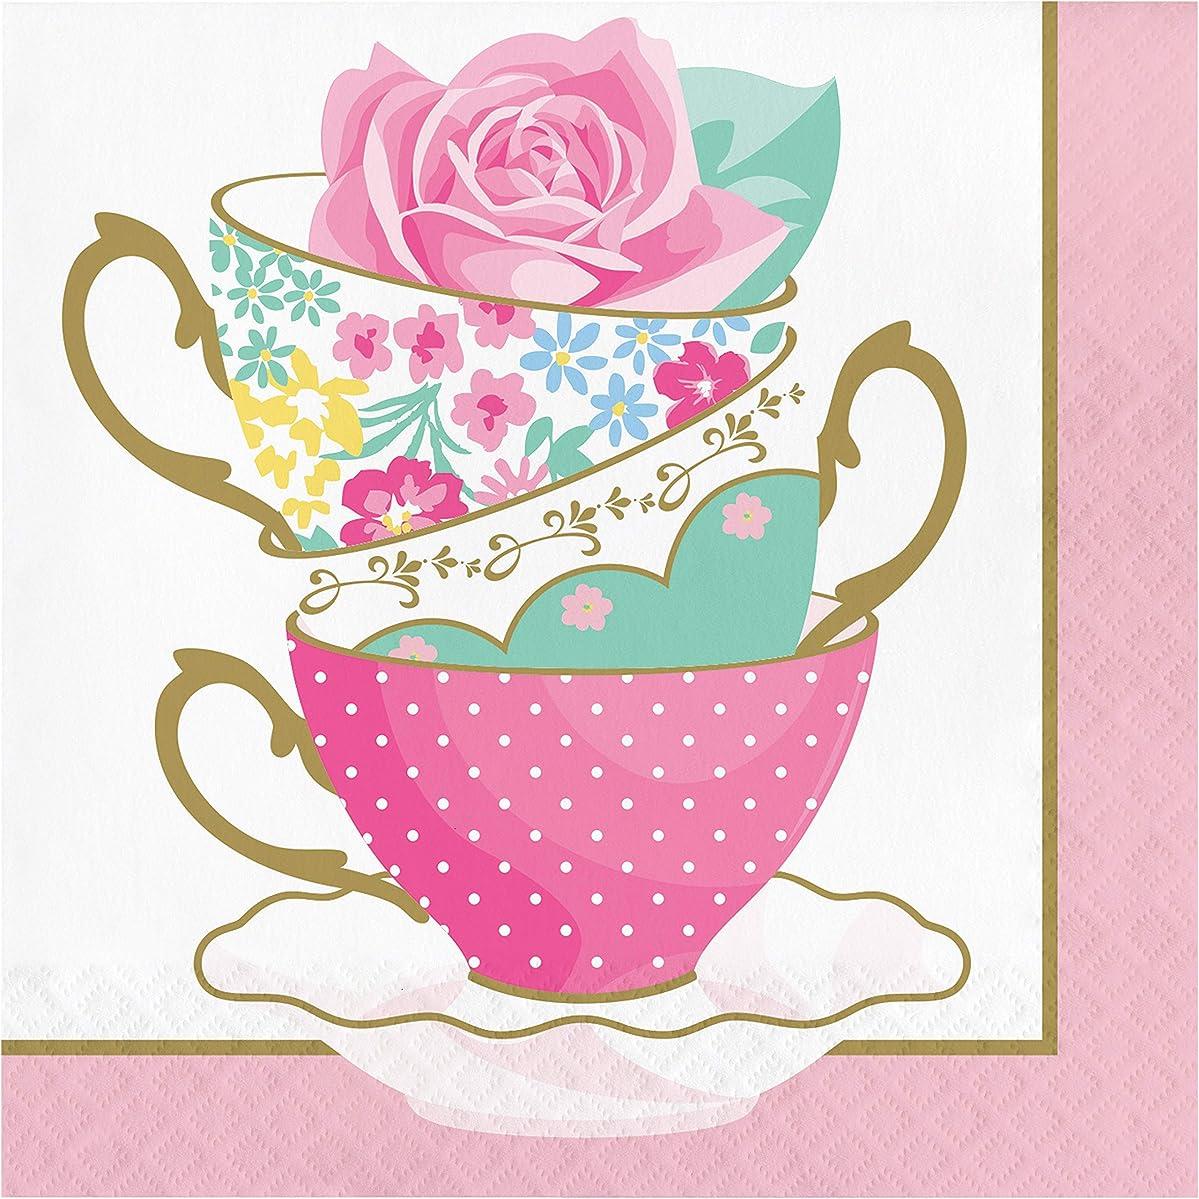 Floral Tea Party Teacup Napkins, 48 ct